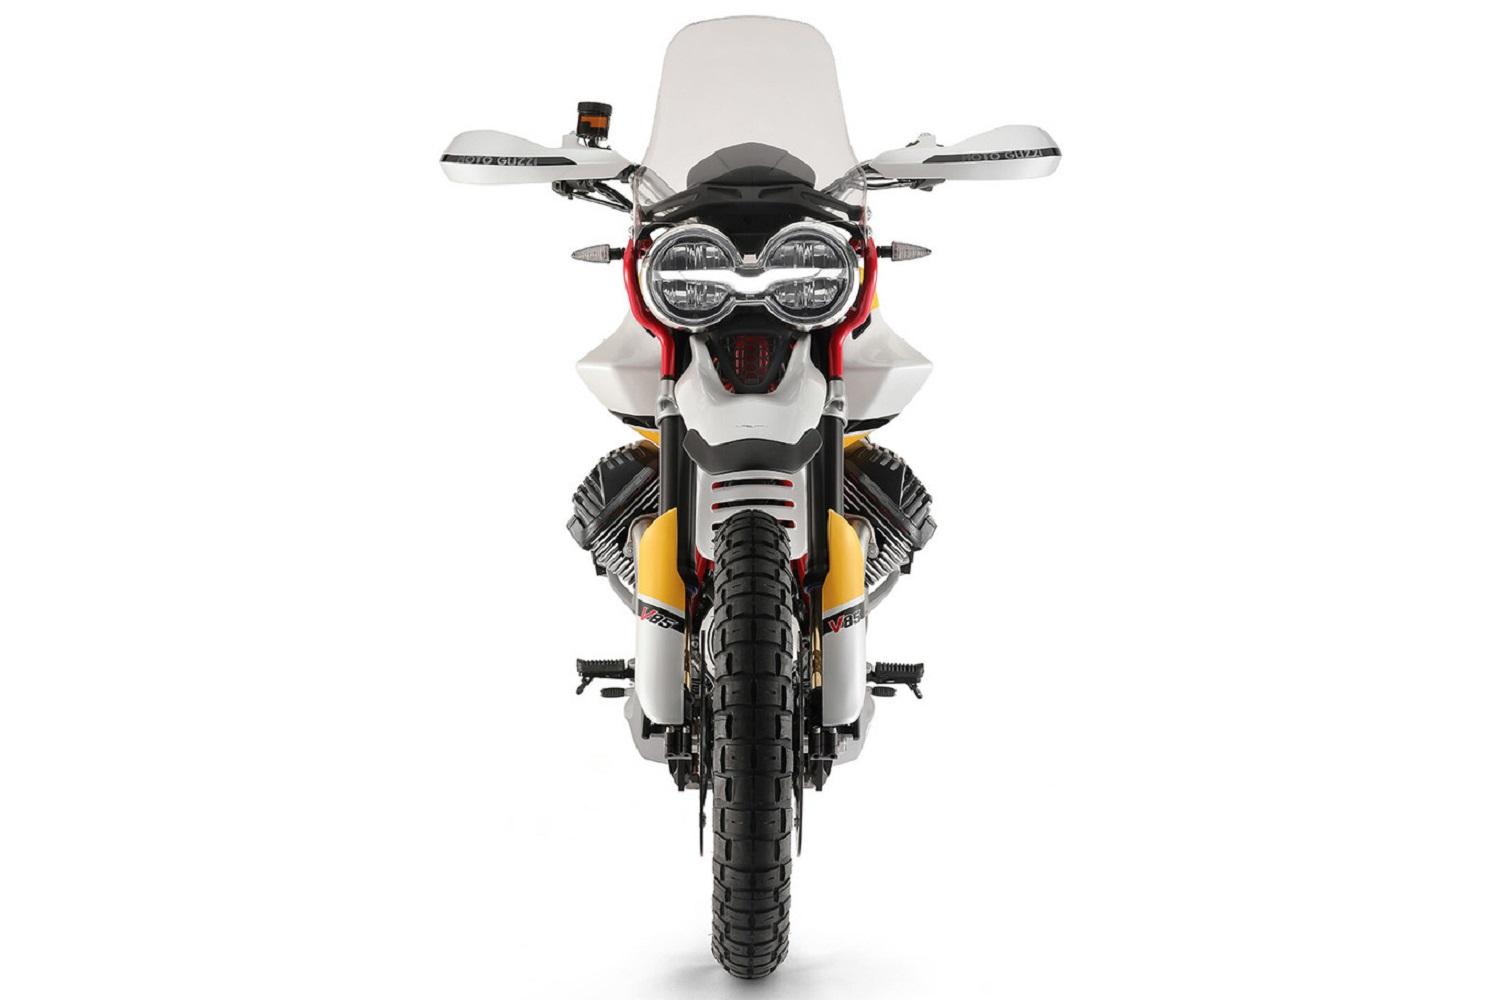 moto-guzzi-v85-02